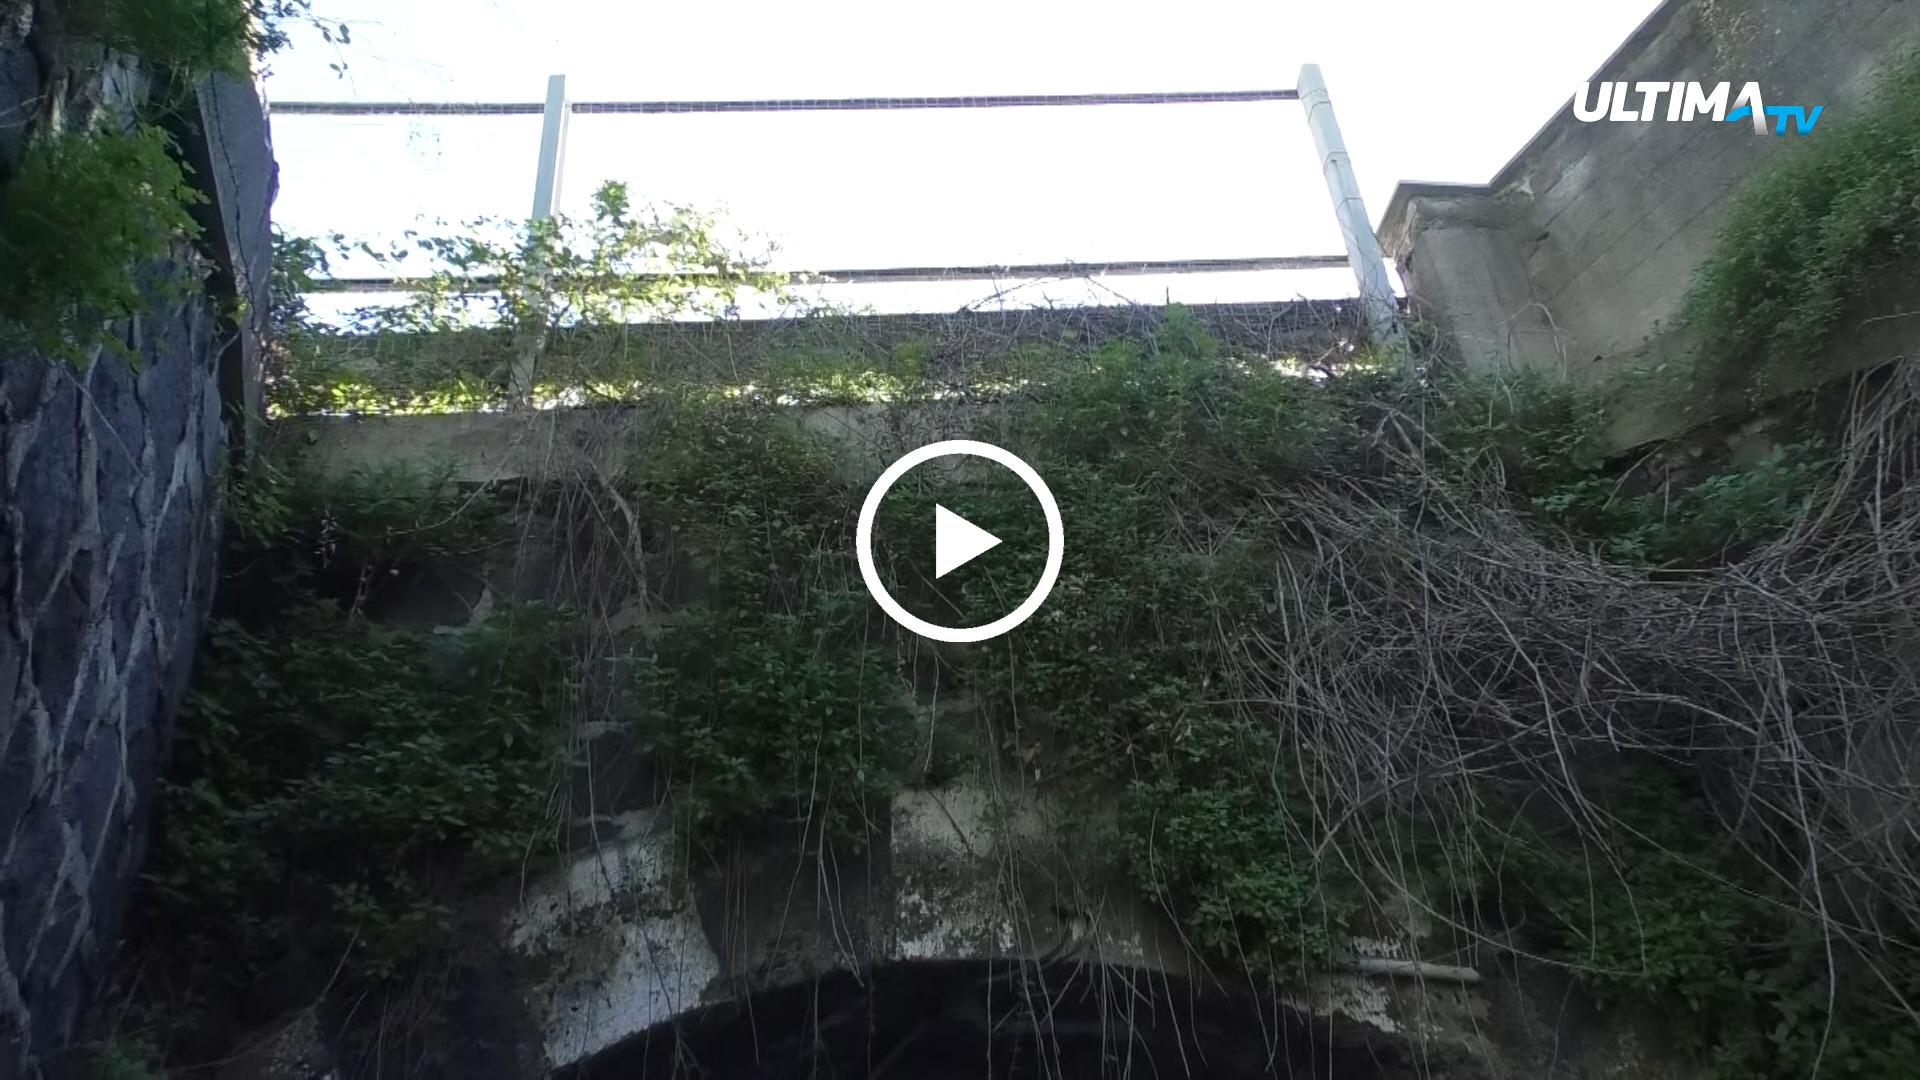 Da ieri mattina ad Acitrezza, sono iniziati i lavori sull'ex statale 144, nell'area del ponte di via Livorno, soprastante via Spagnola.